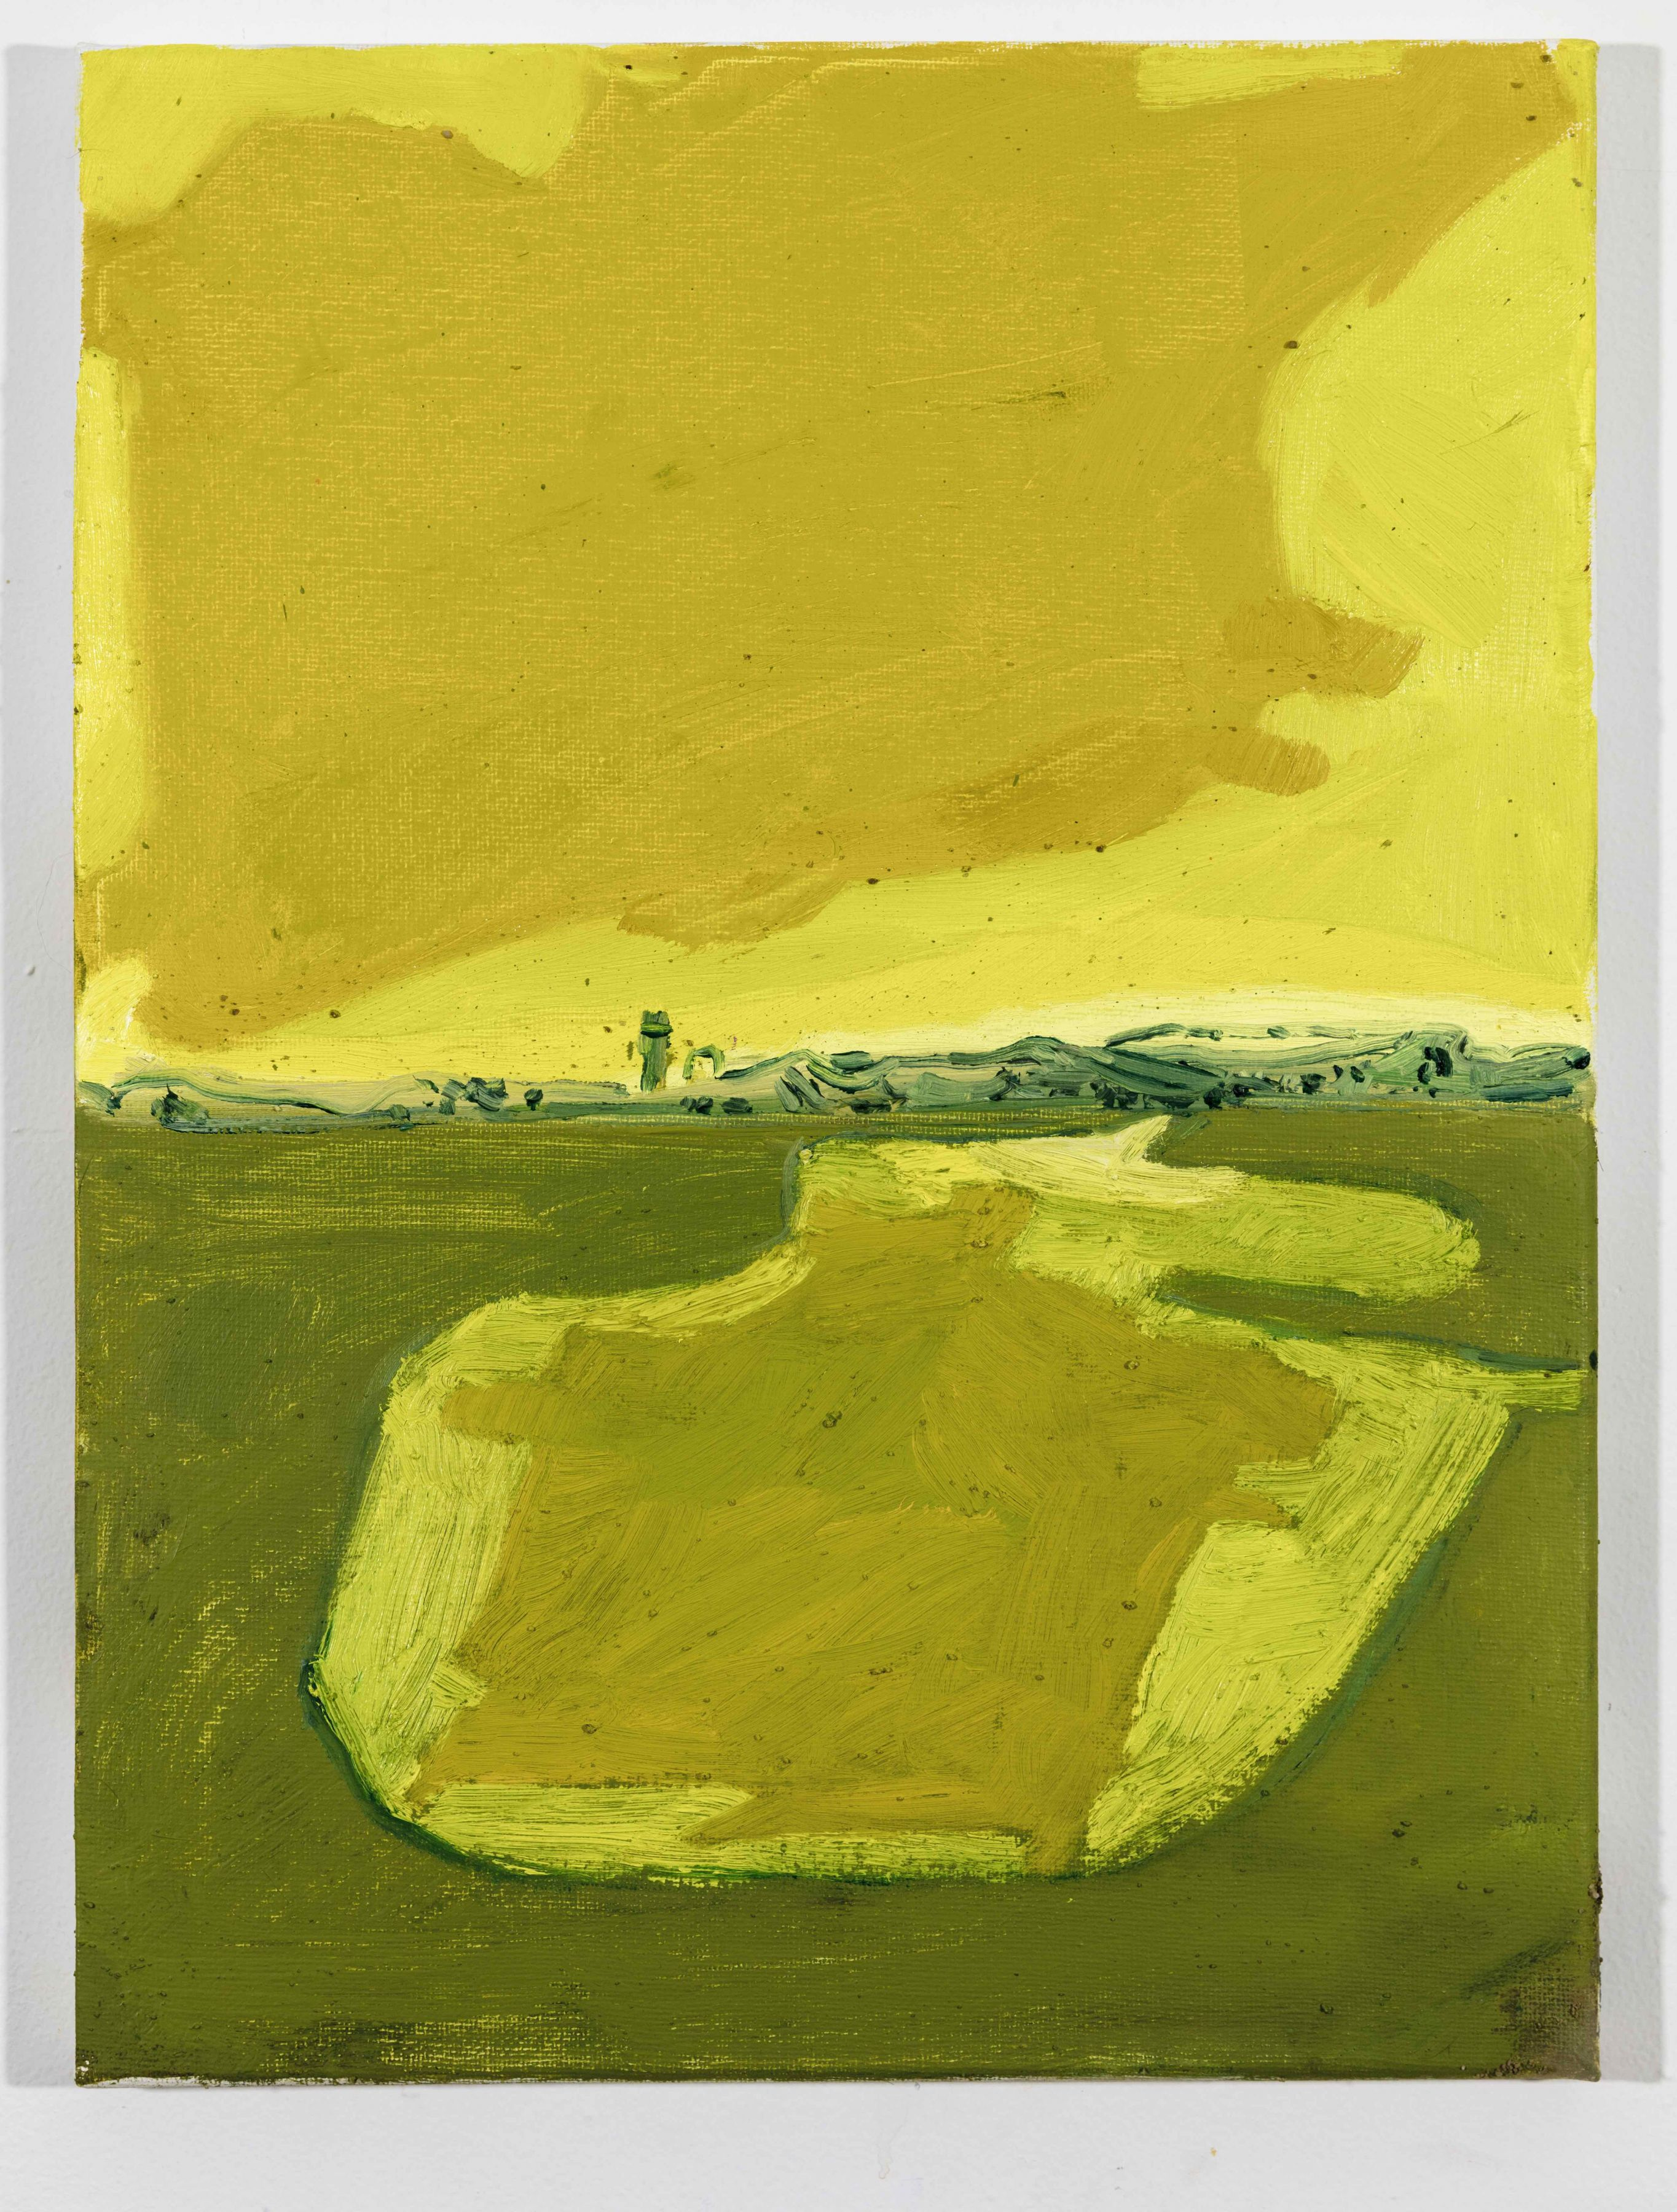 LISA SANDITZ, Landscape Color Study 25, 2019